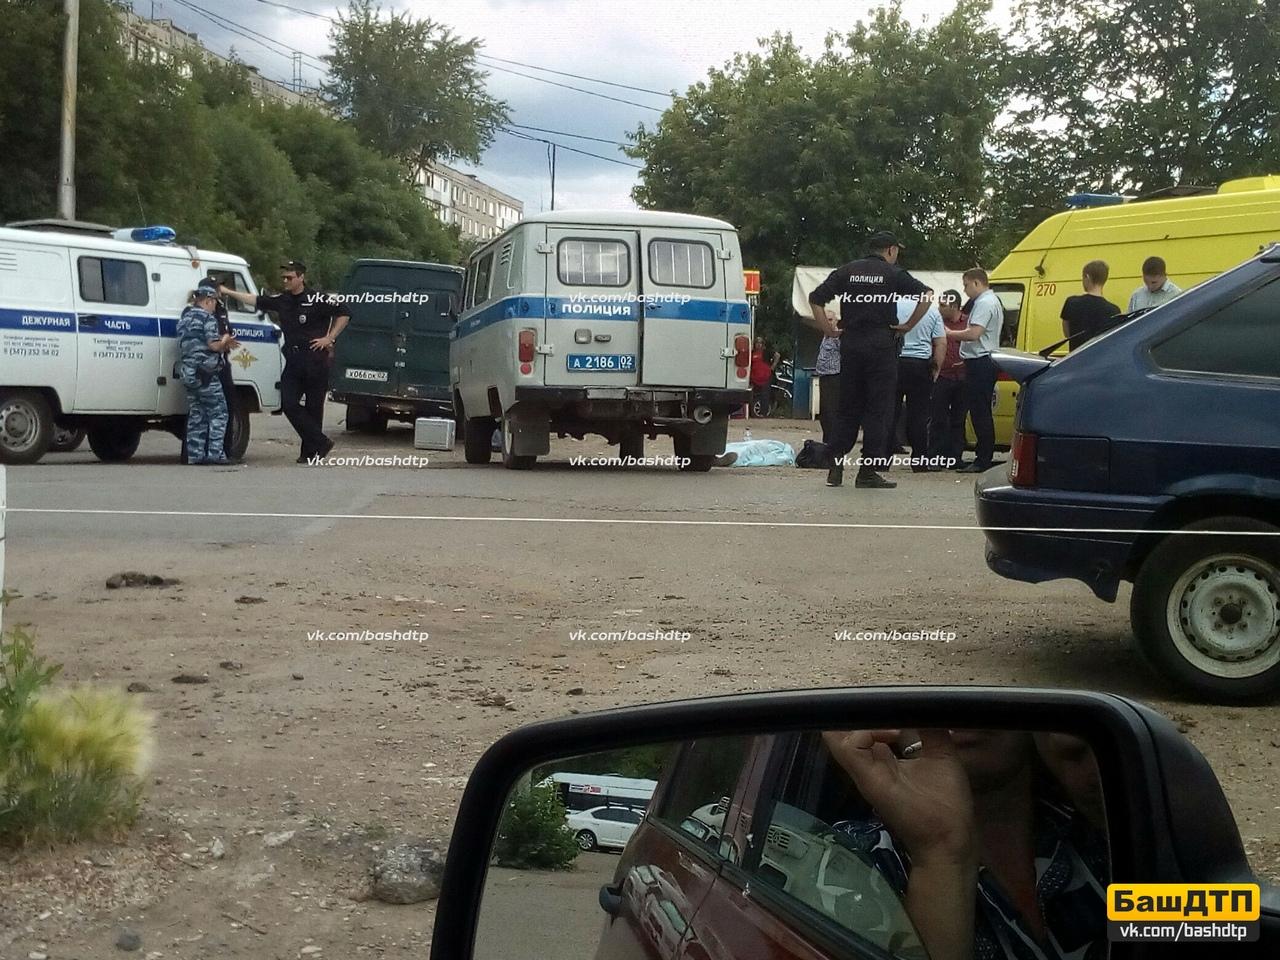 В Уфе посреди проезжей части обнаружен труп мужчины с огнестрельным ранением